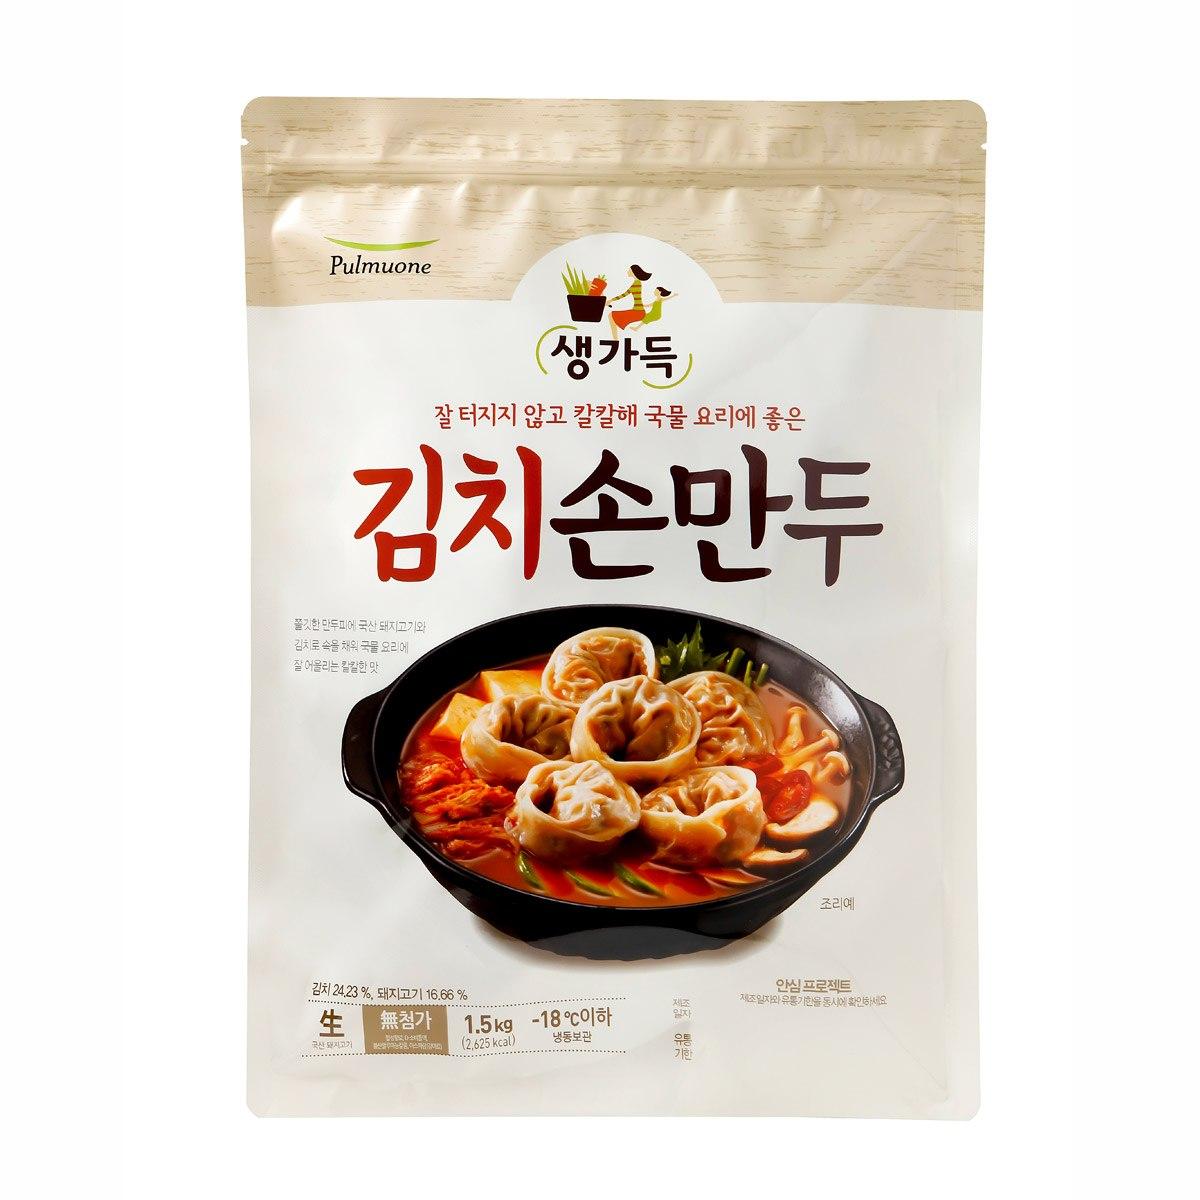 ★아이스박스★풀무원 김치 손만두 1.5kg, 단일상품